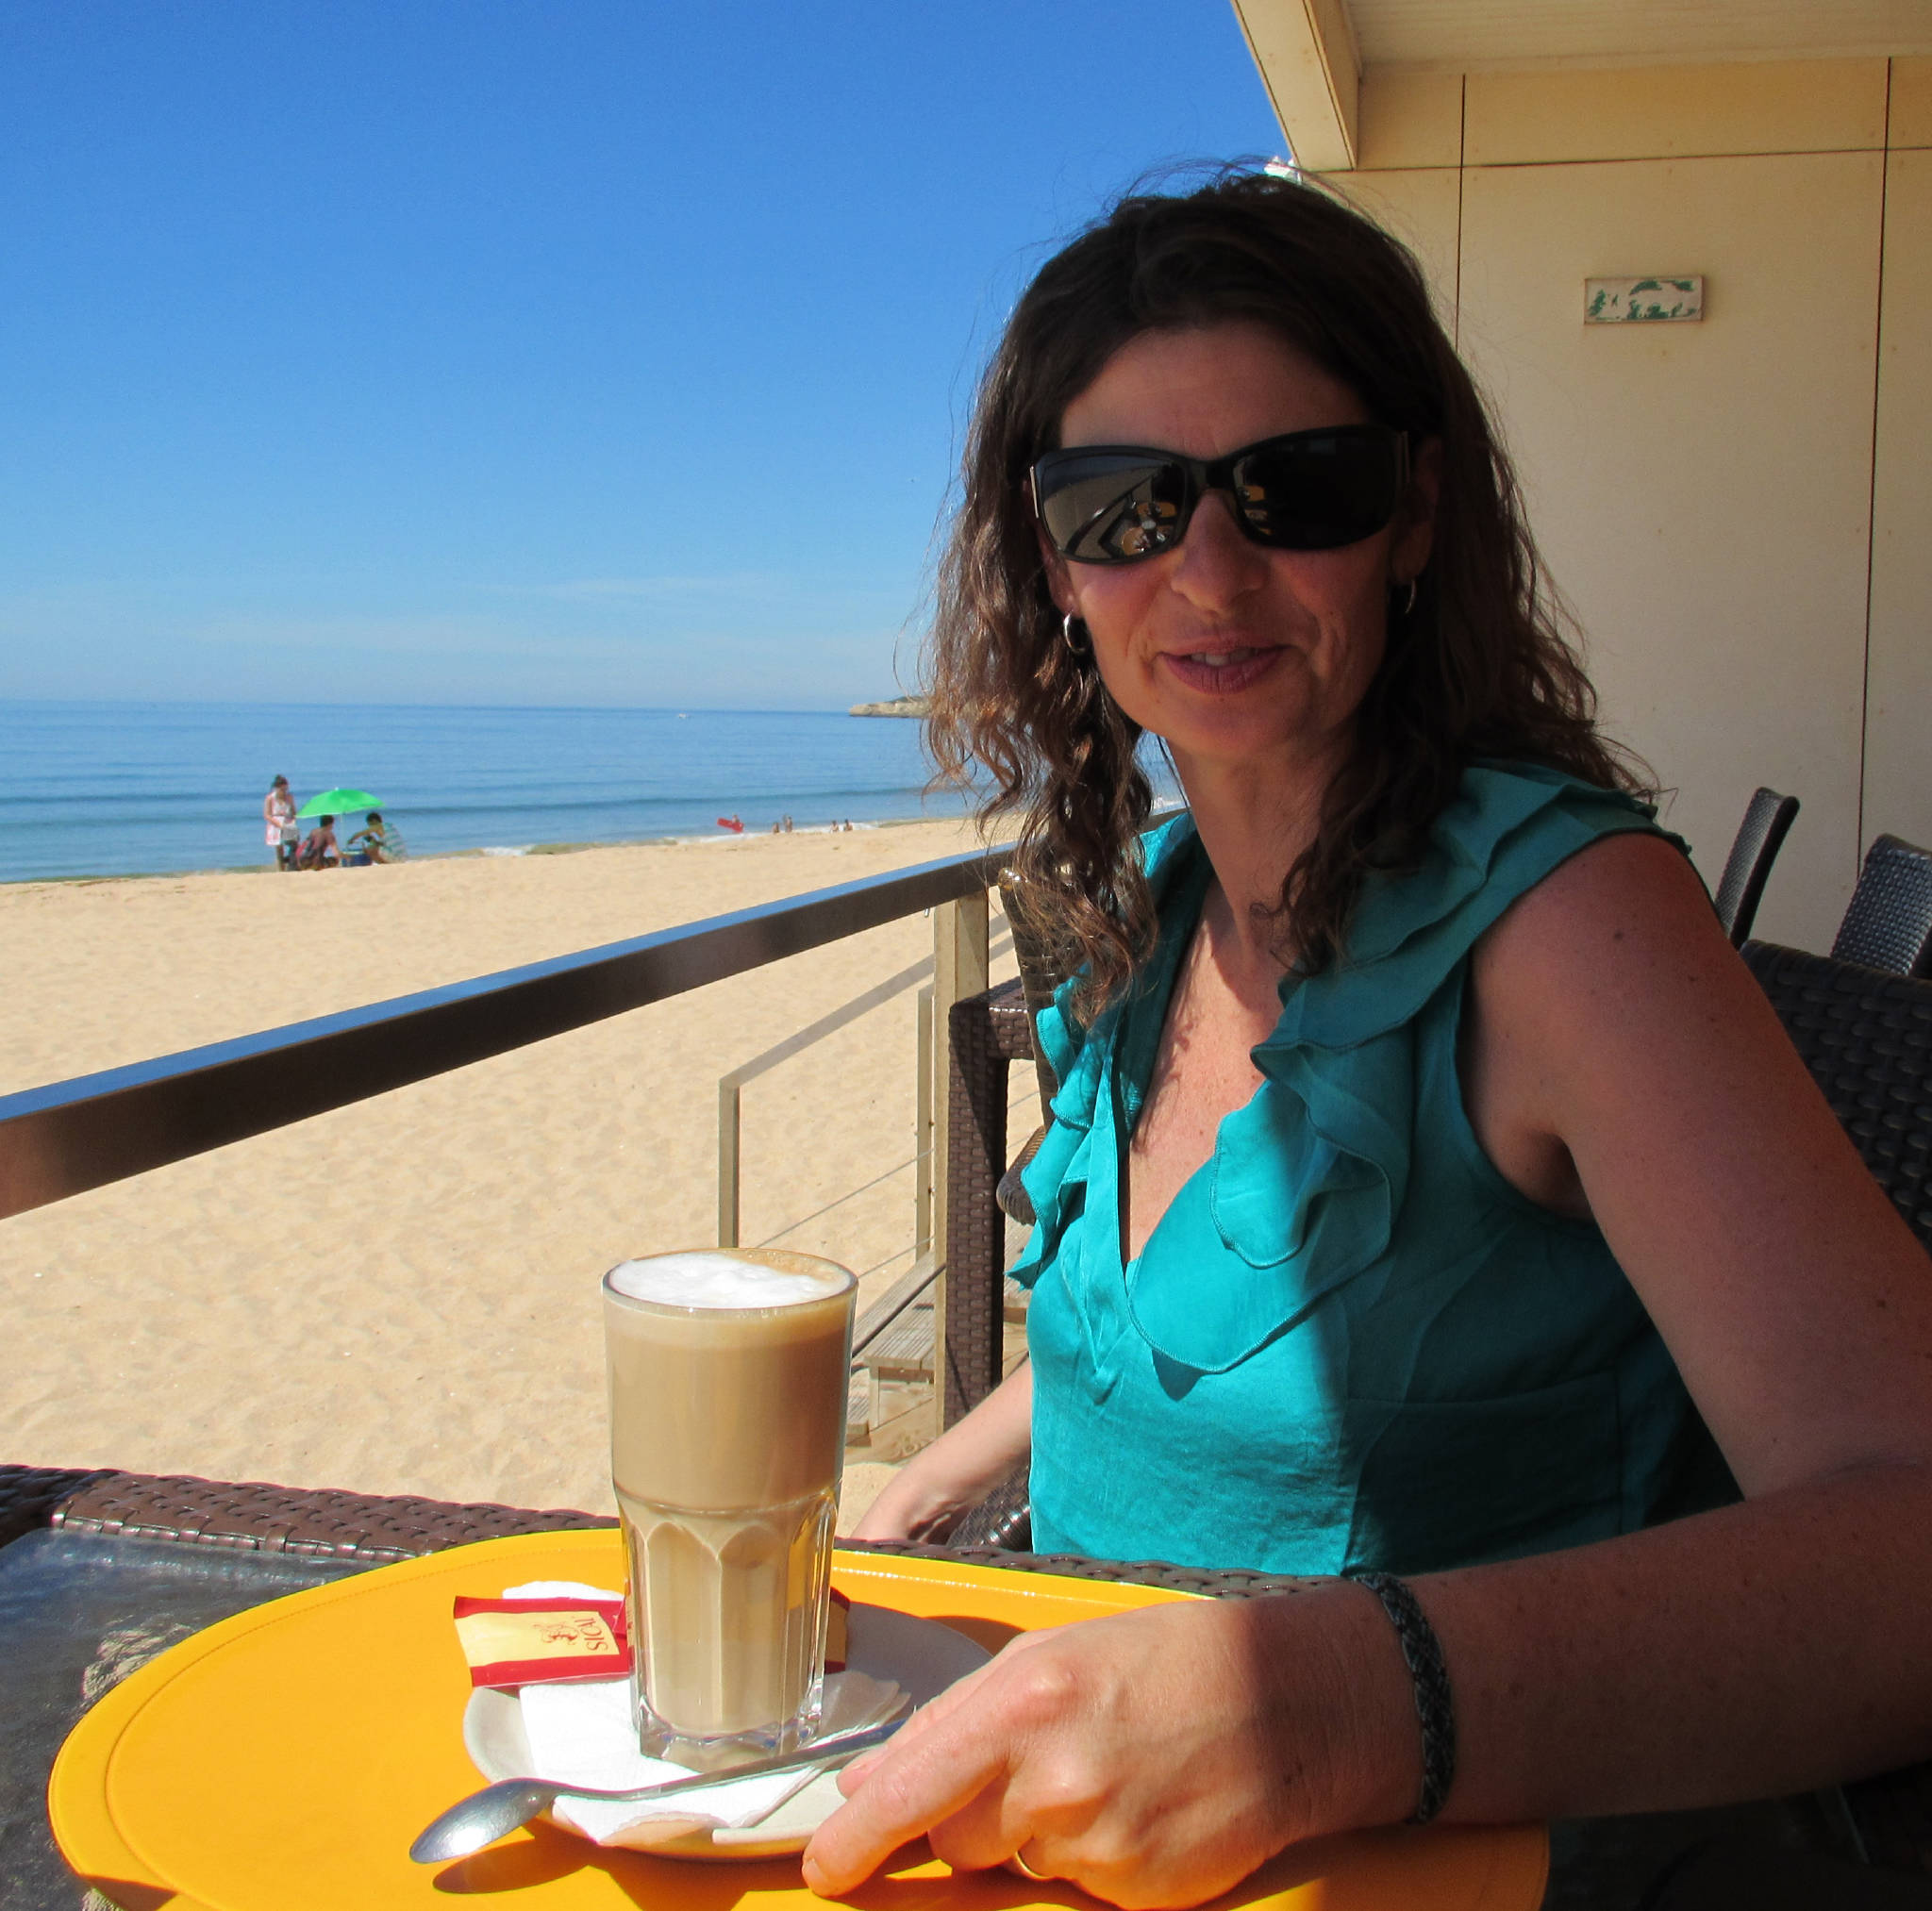 Herzlich Willkommen an der Algarve